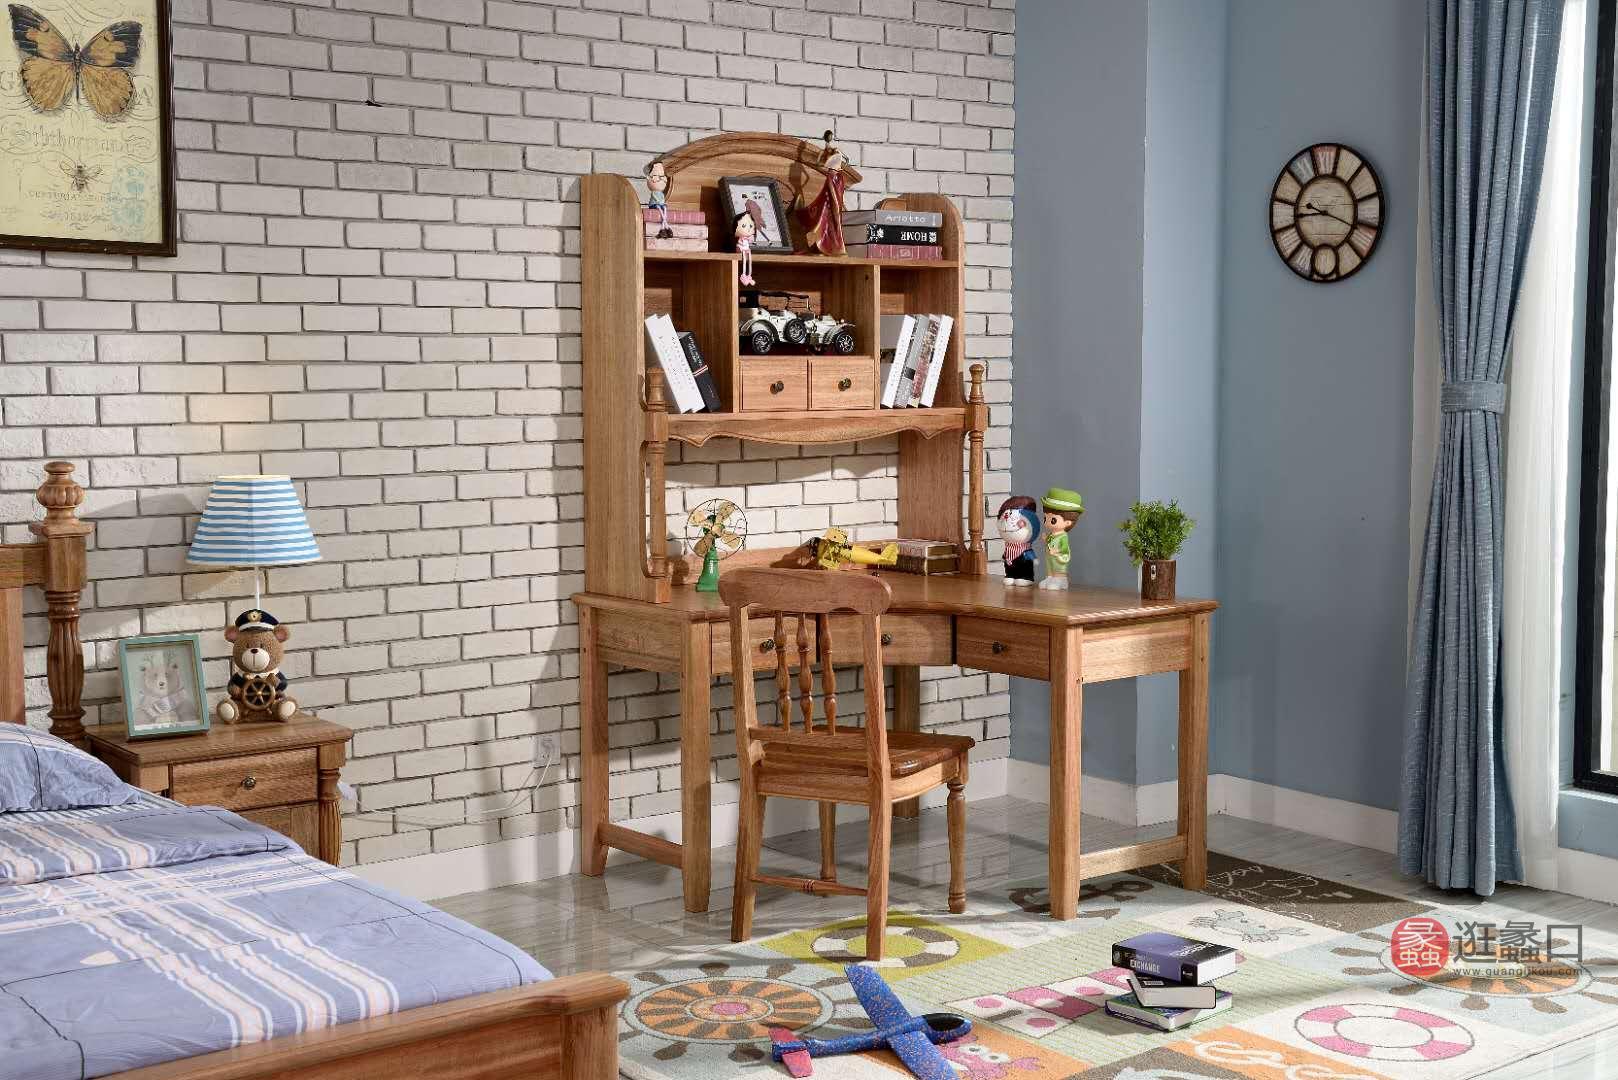 米琦庄园家具儿童木蜡油檀丝木实木童趣转角书桌椅MQ003